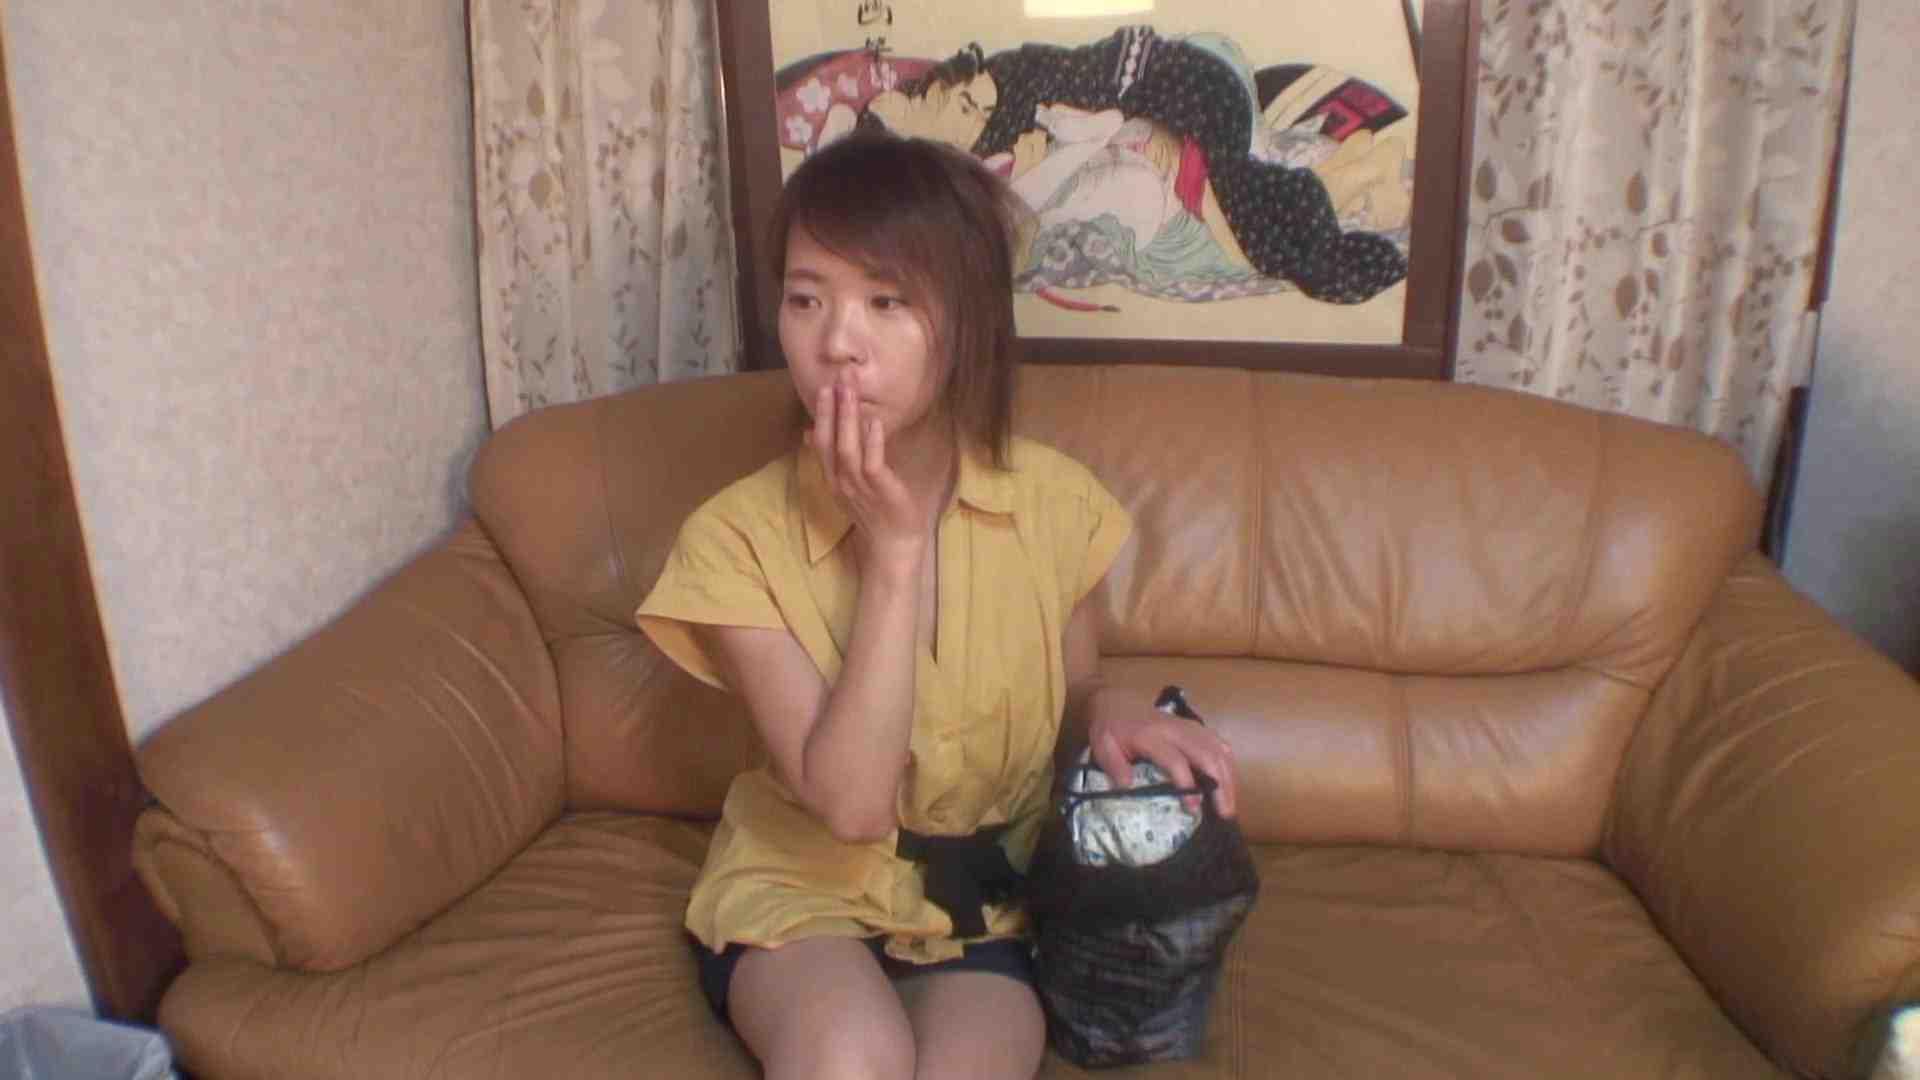 鬼才沖本監督作品 フェラしか出来ない女 アナル  46Pix 7